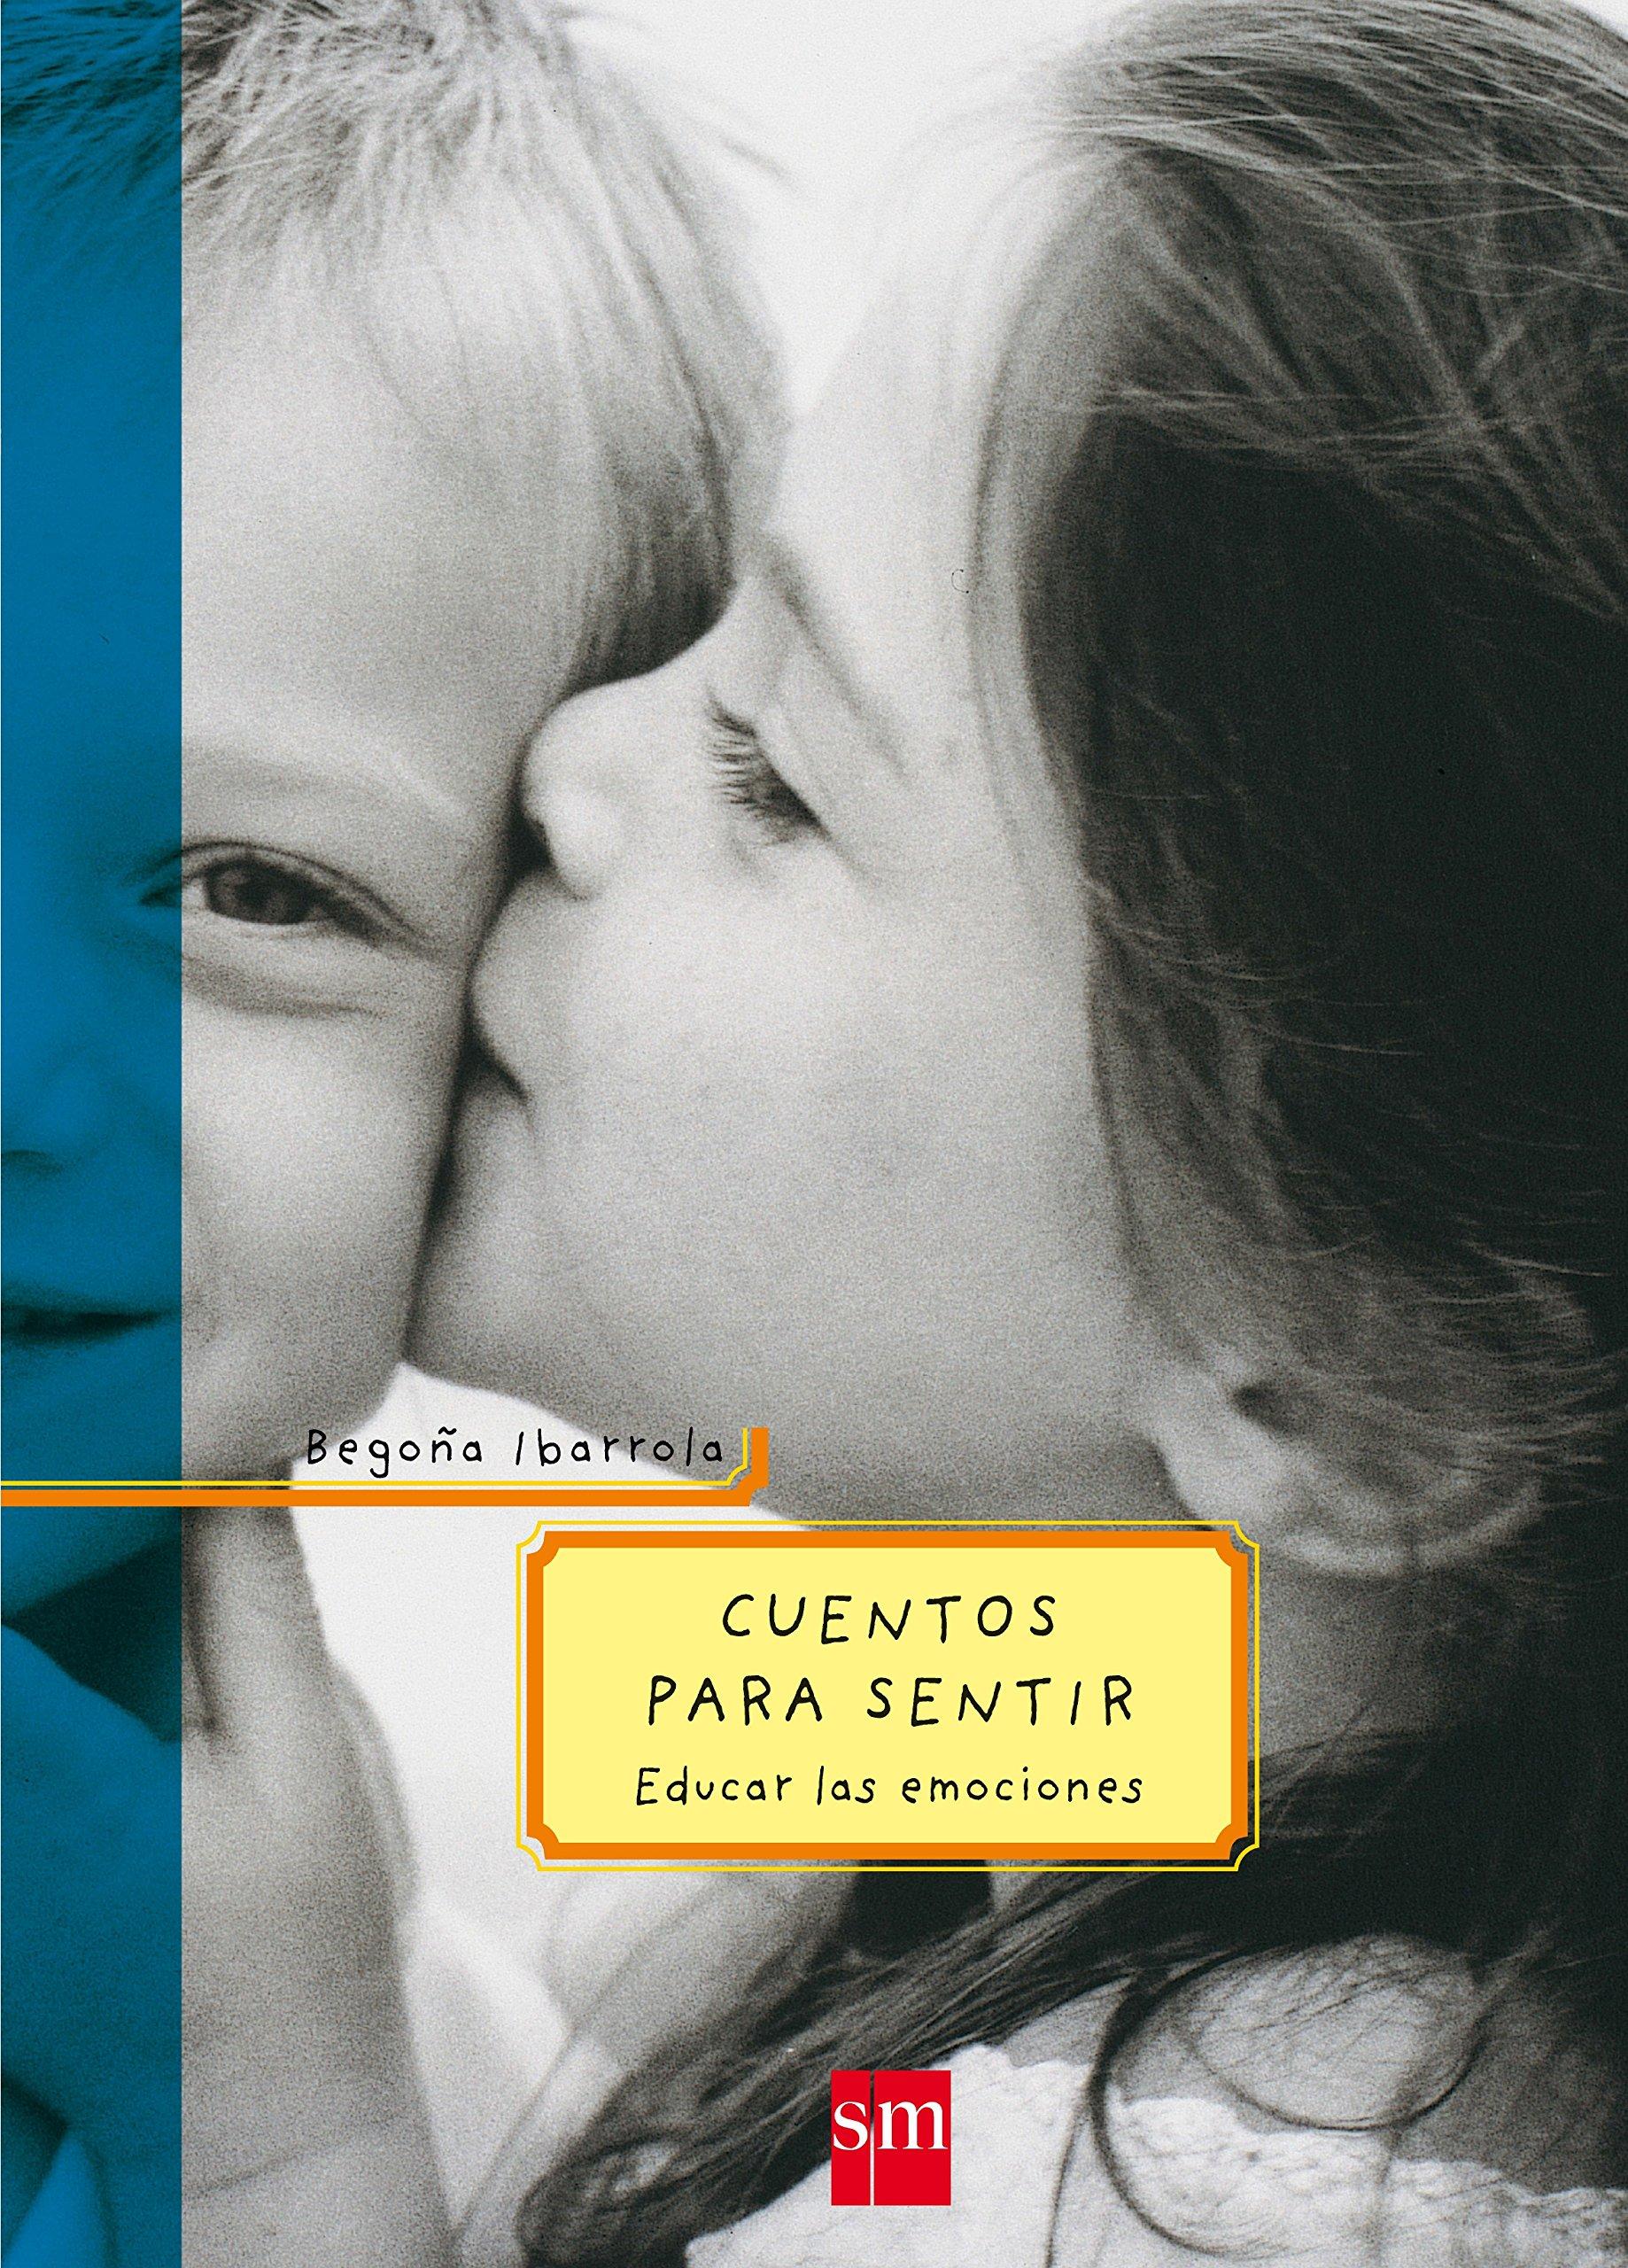 Cuentos para sentir: Educar las emociones (Padres y maestros) Tapa dura – 18 mar 2003 Begoña Ibarrola EDICIONES SM 8434894122 Short Stories